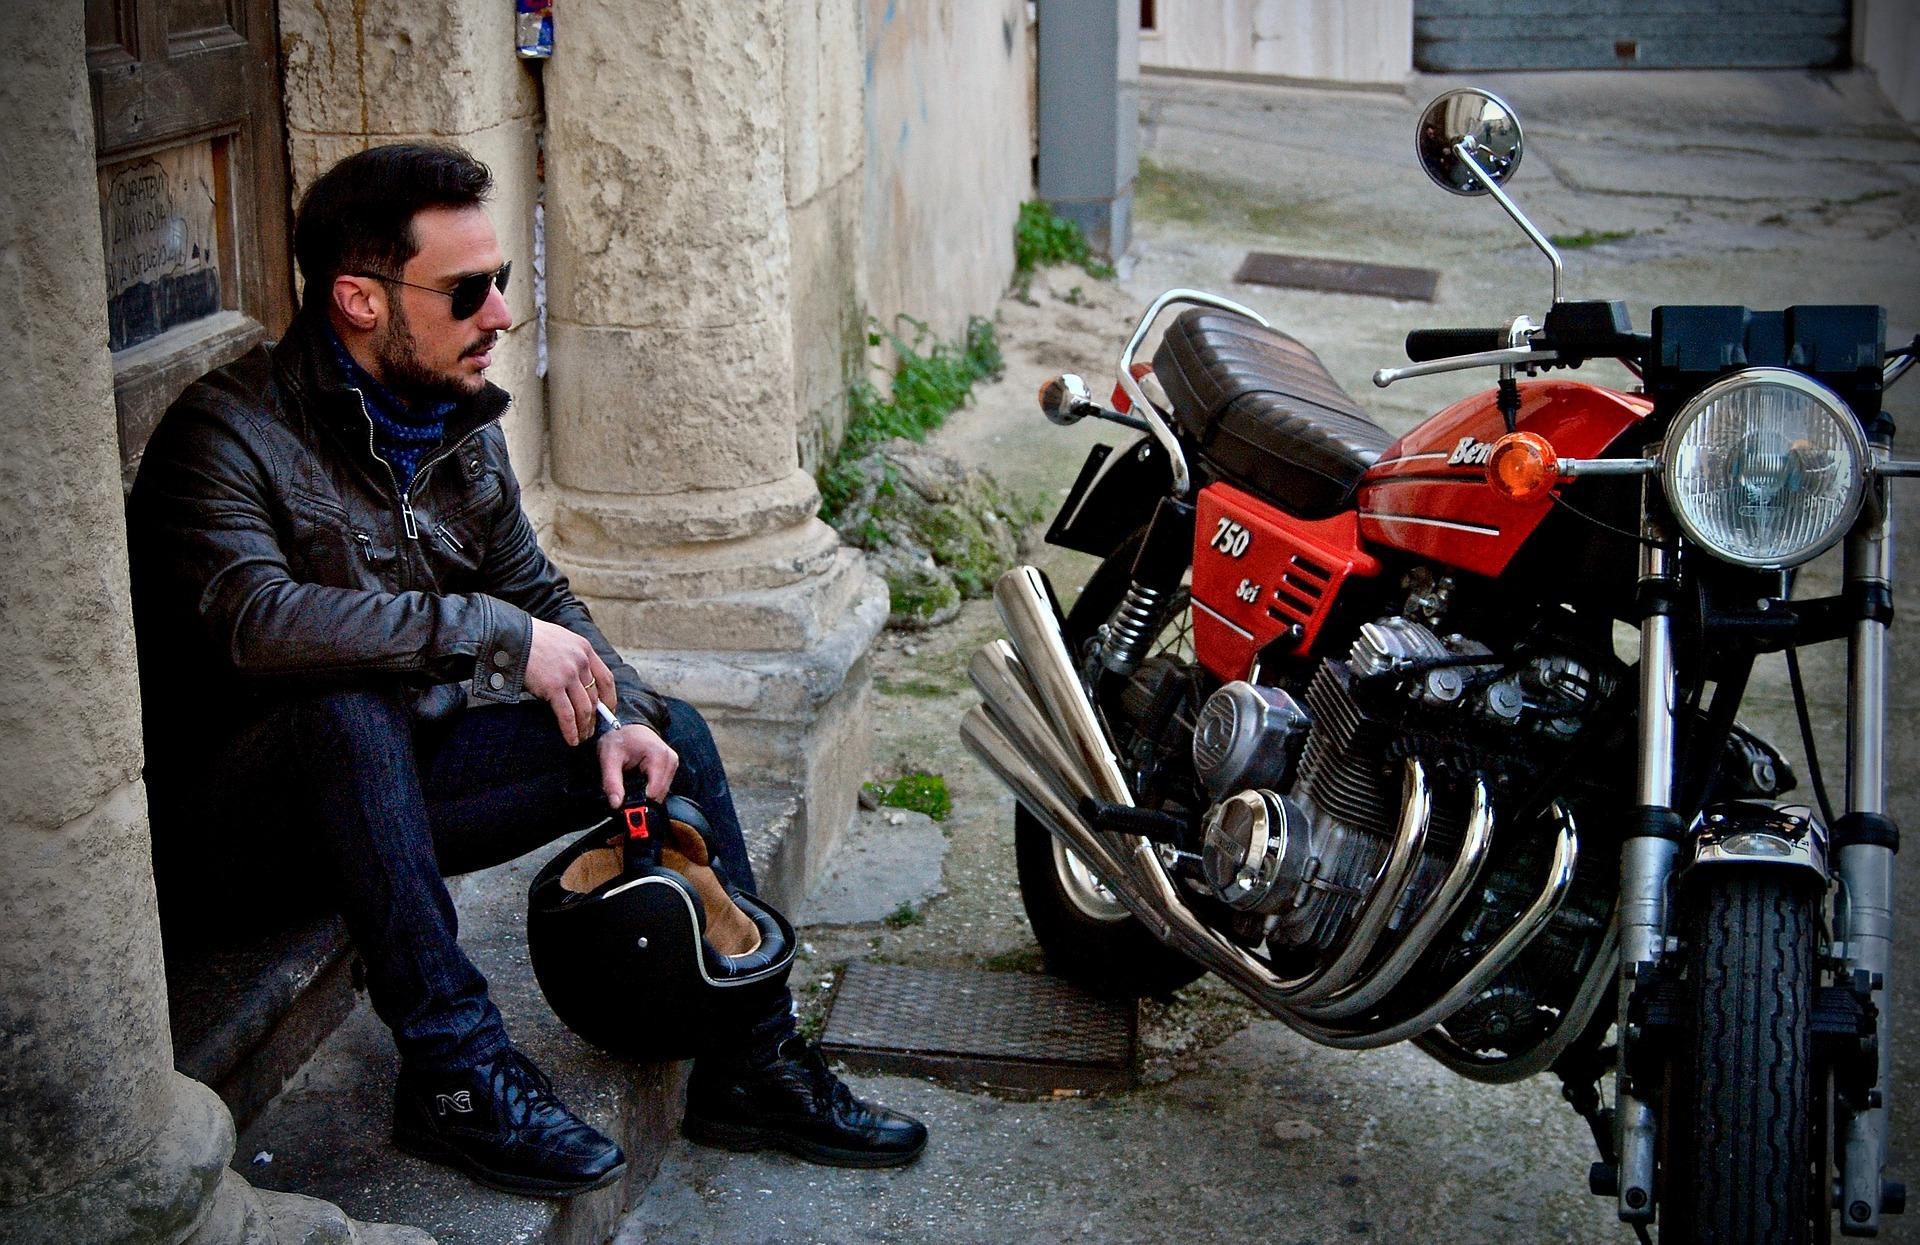 Comment se protéger quand on est un motocycliste ?